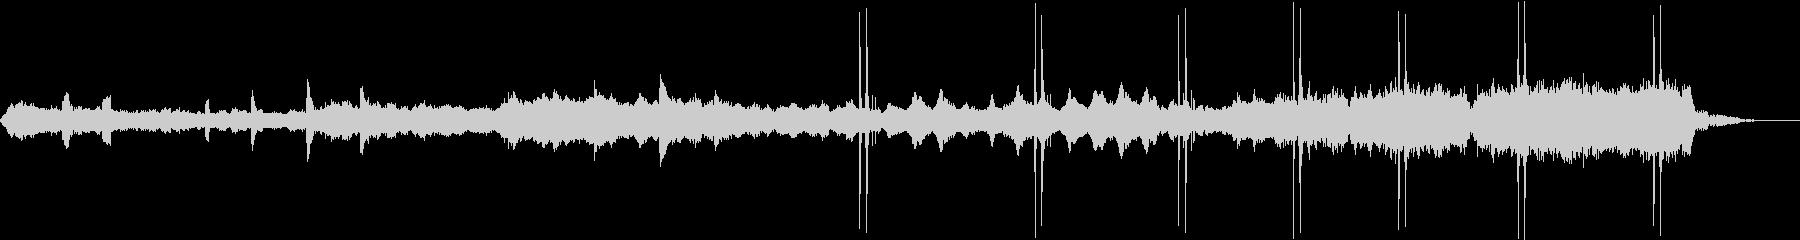 映画ブレードランナー風ダークなBGMの未再生の波形